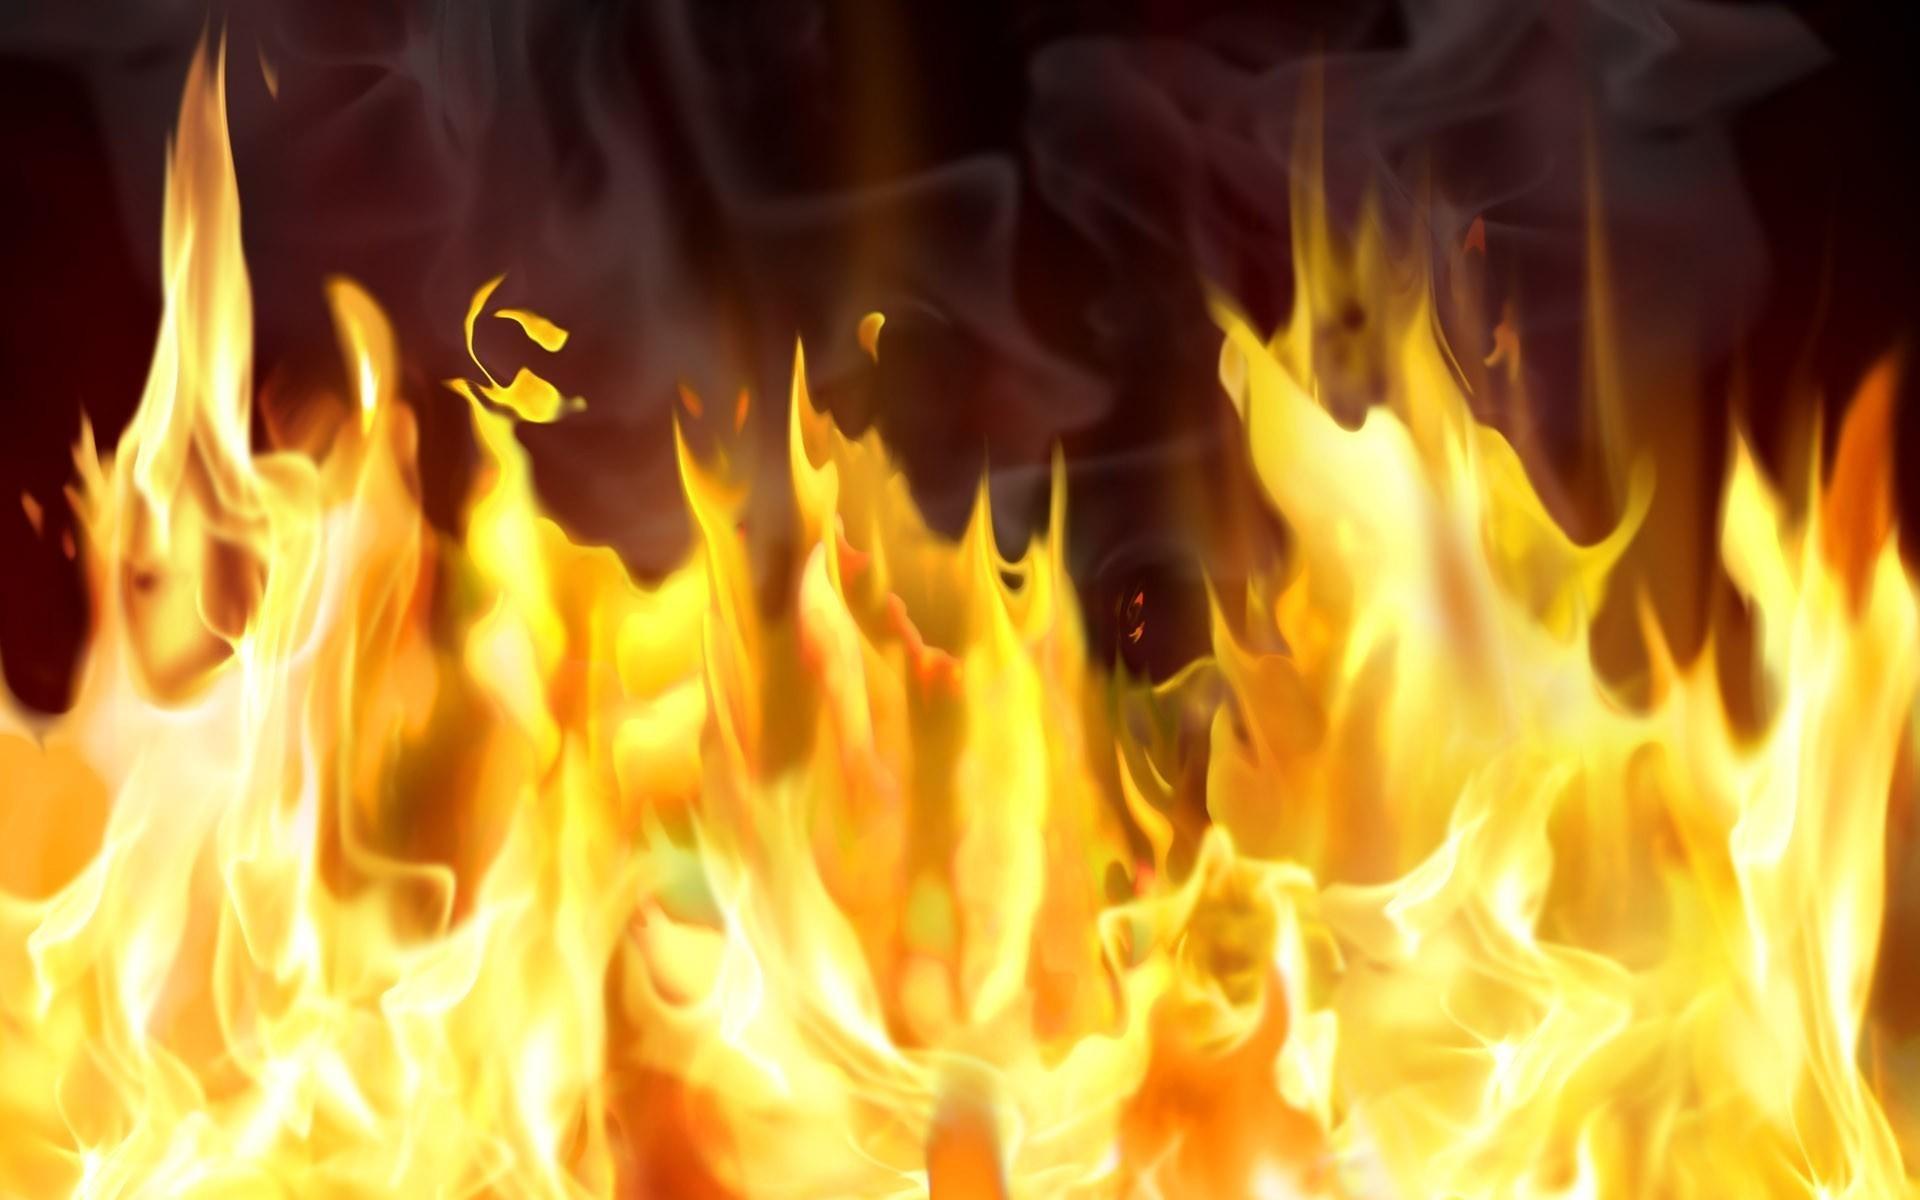 НаБайконуре при запуске ракеты появился пожар, необошлось без жертв